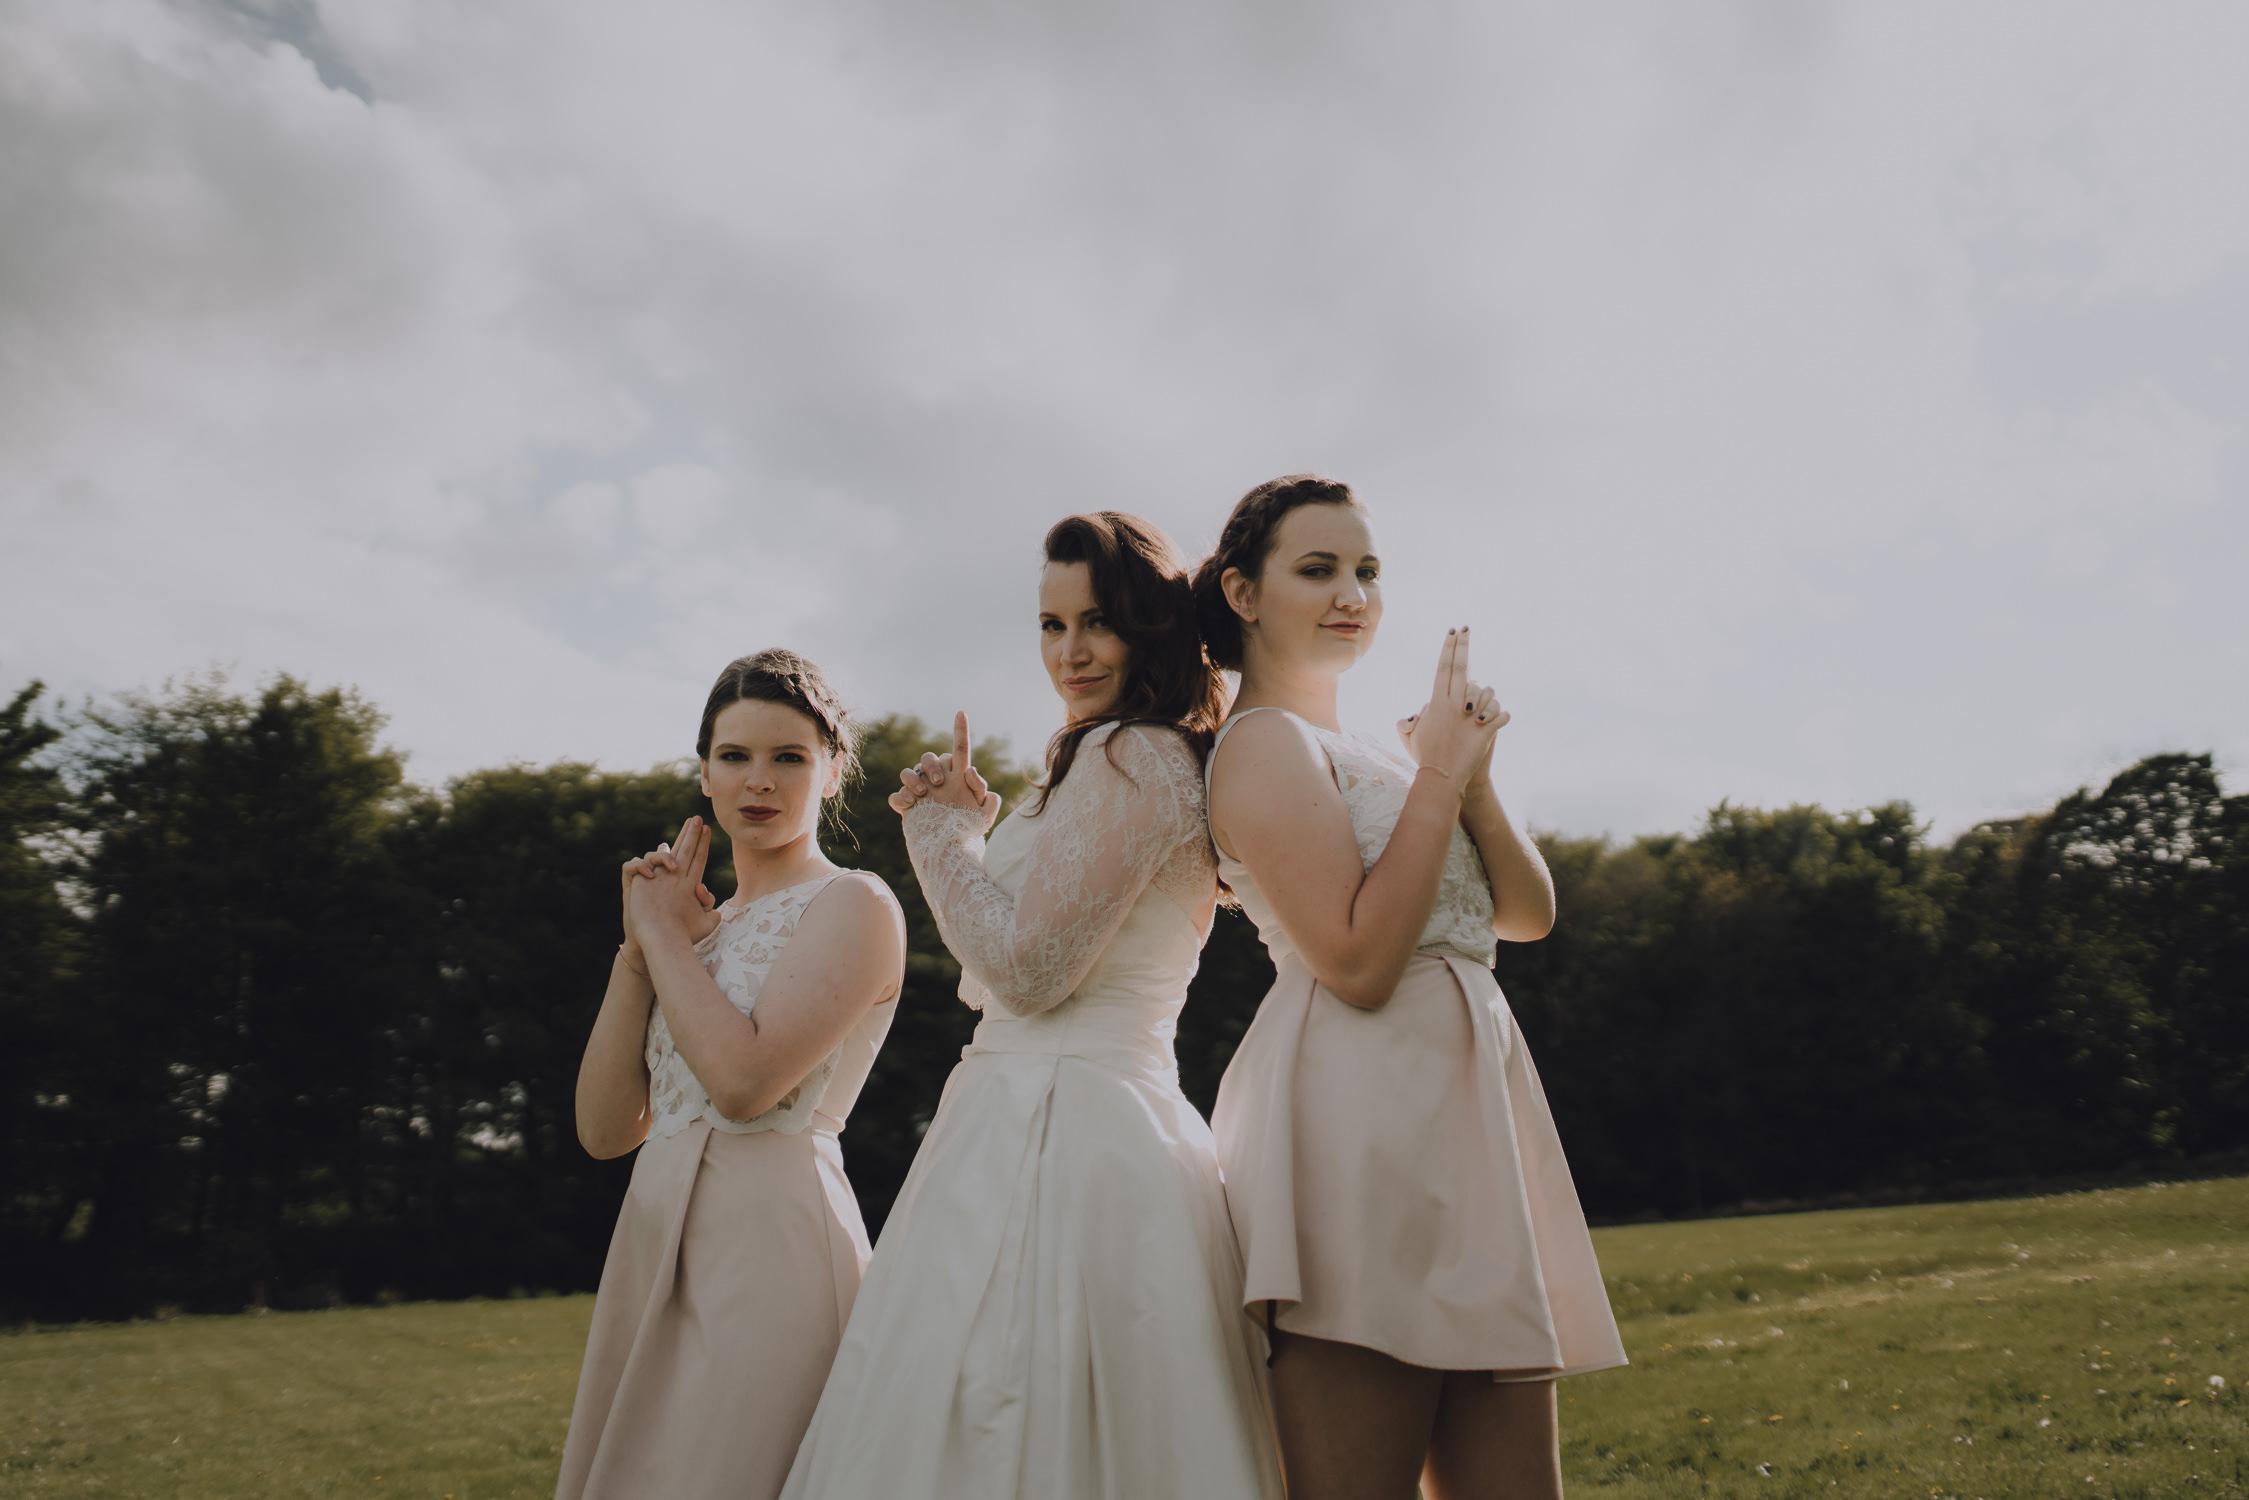 bruidsfotografie-amsterdam-utrecht--aberdeen-mark-hadden-wedding-photography-lynne-steve-156.jpg